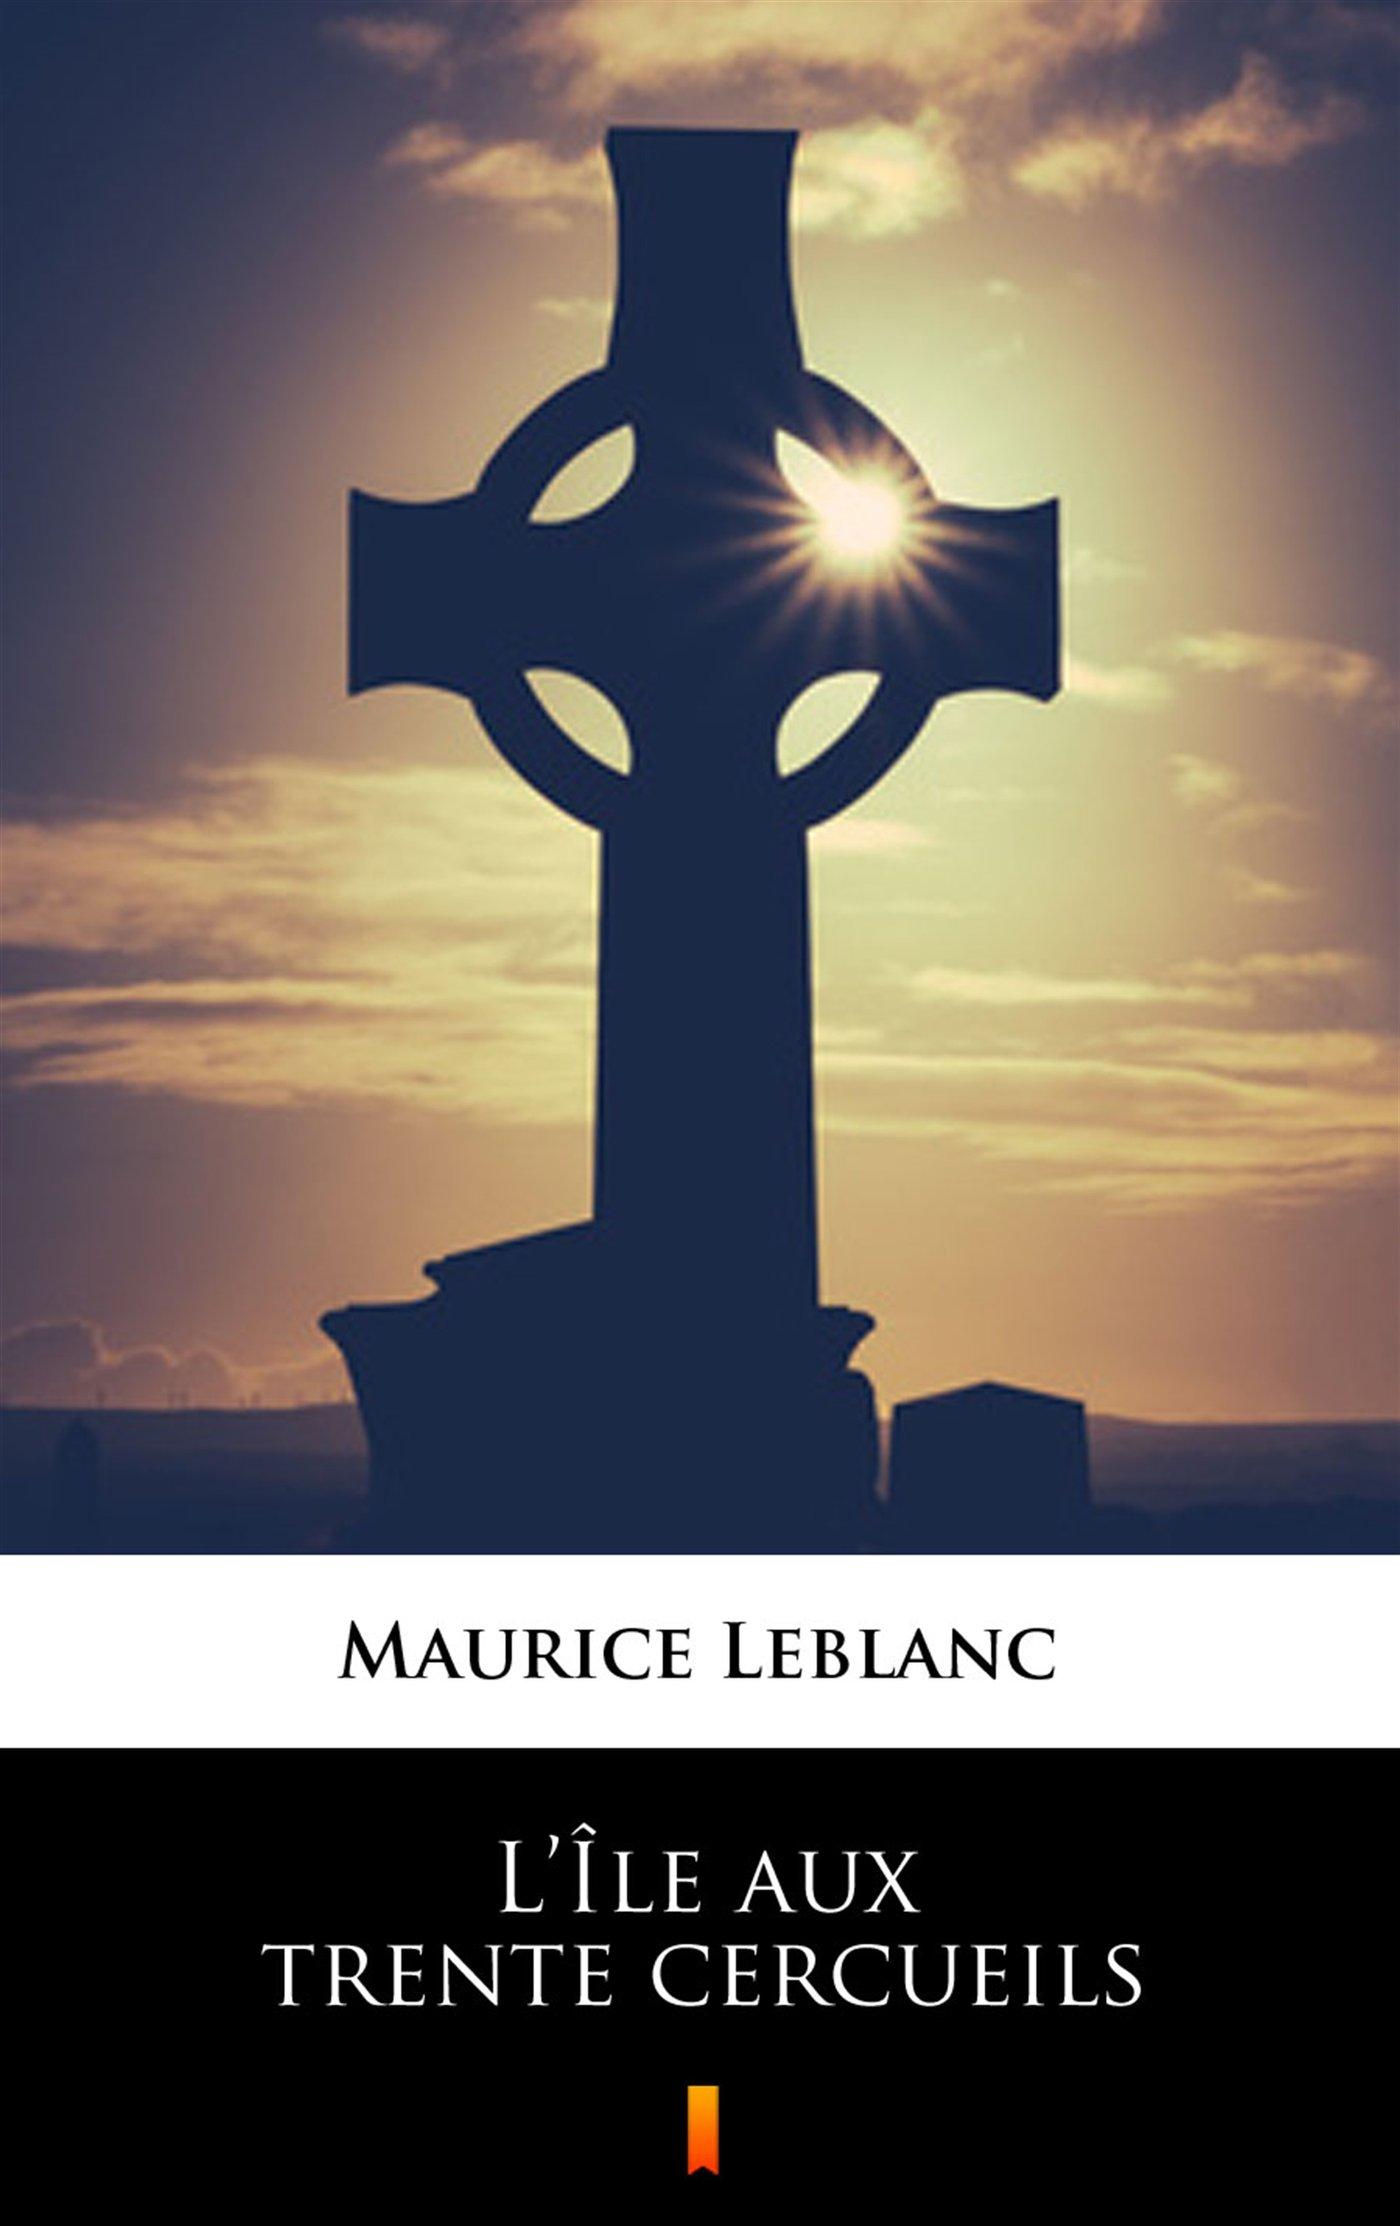 L Ile aux trente cercueils - Ebook (Książka na Kindle) do pobrania w formacie MOBI